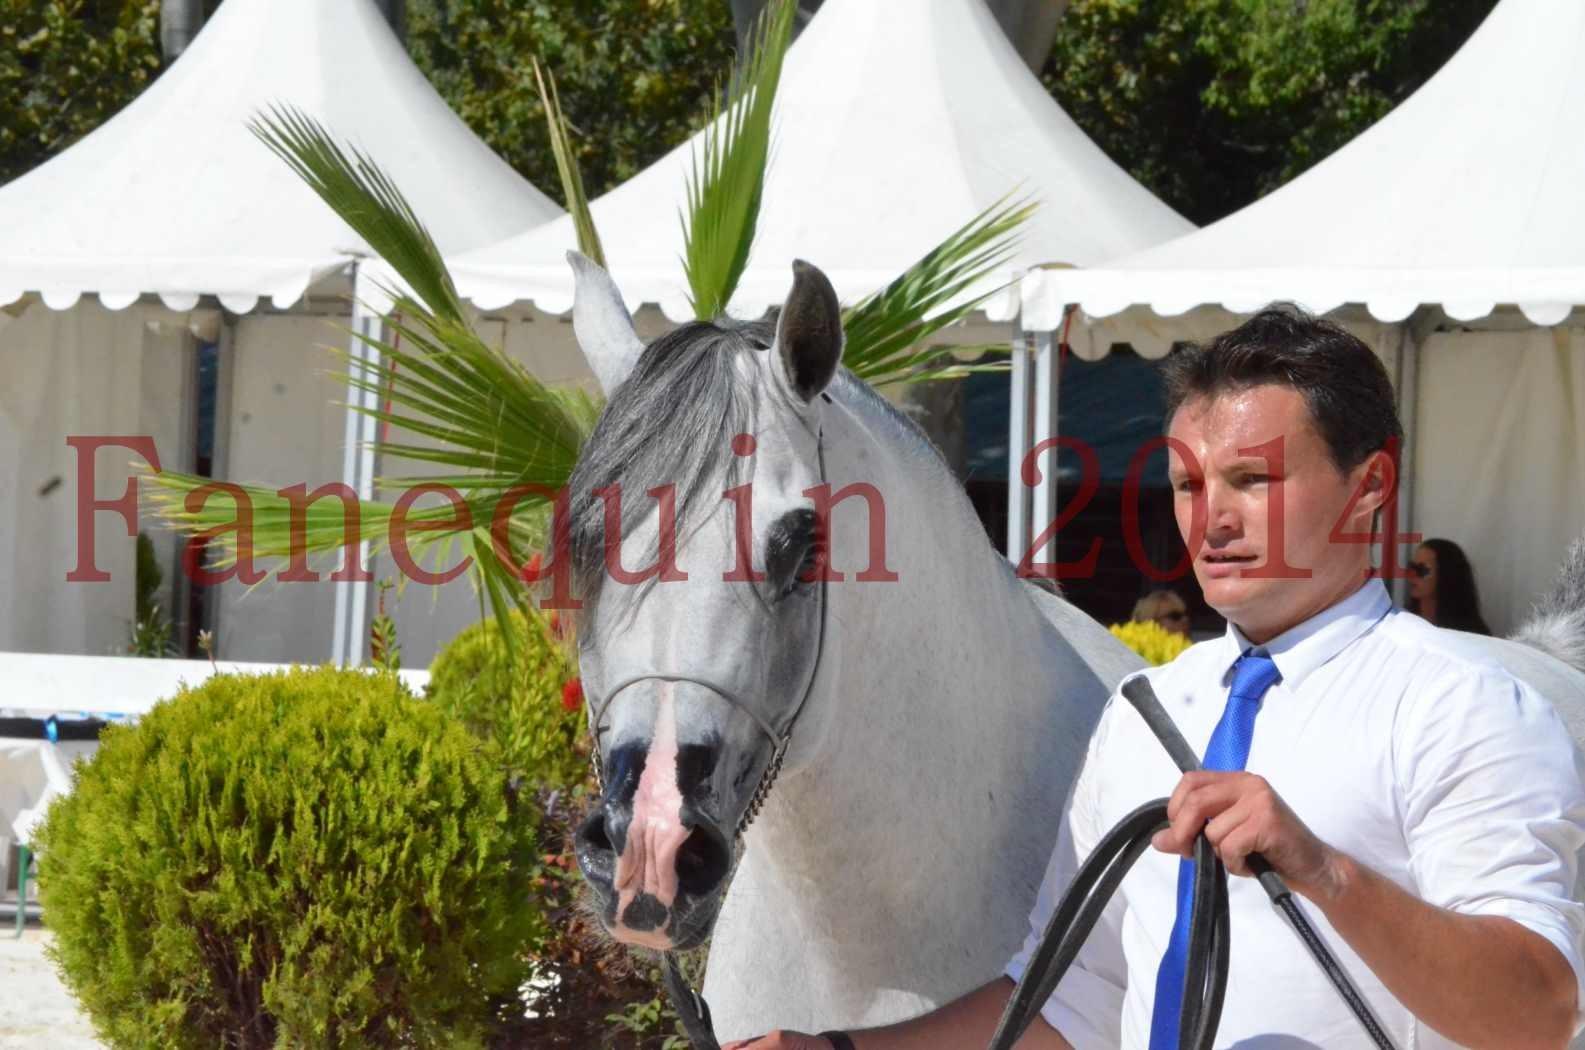 Concours National de Nîmes de chevaux ARABES 2014 - Sélection - SHAOLIN DE NEDJAIA - 76